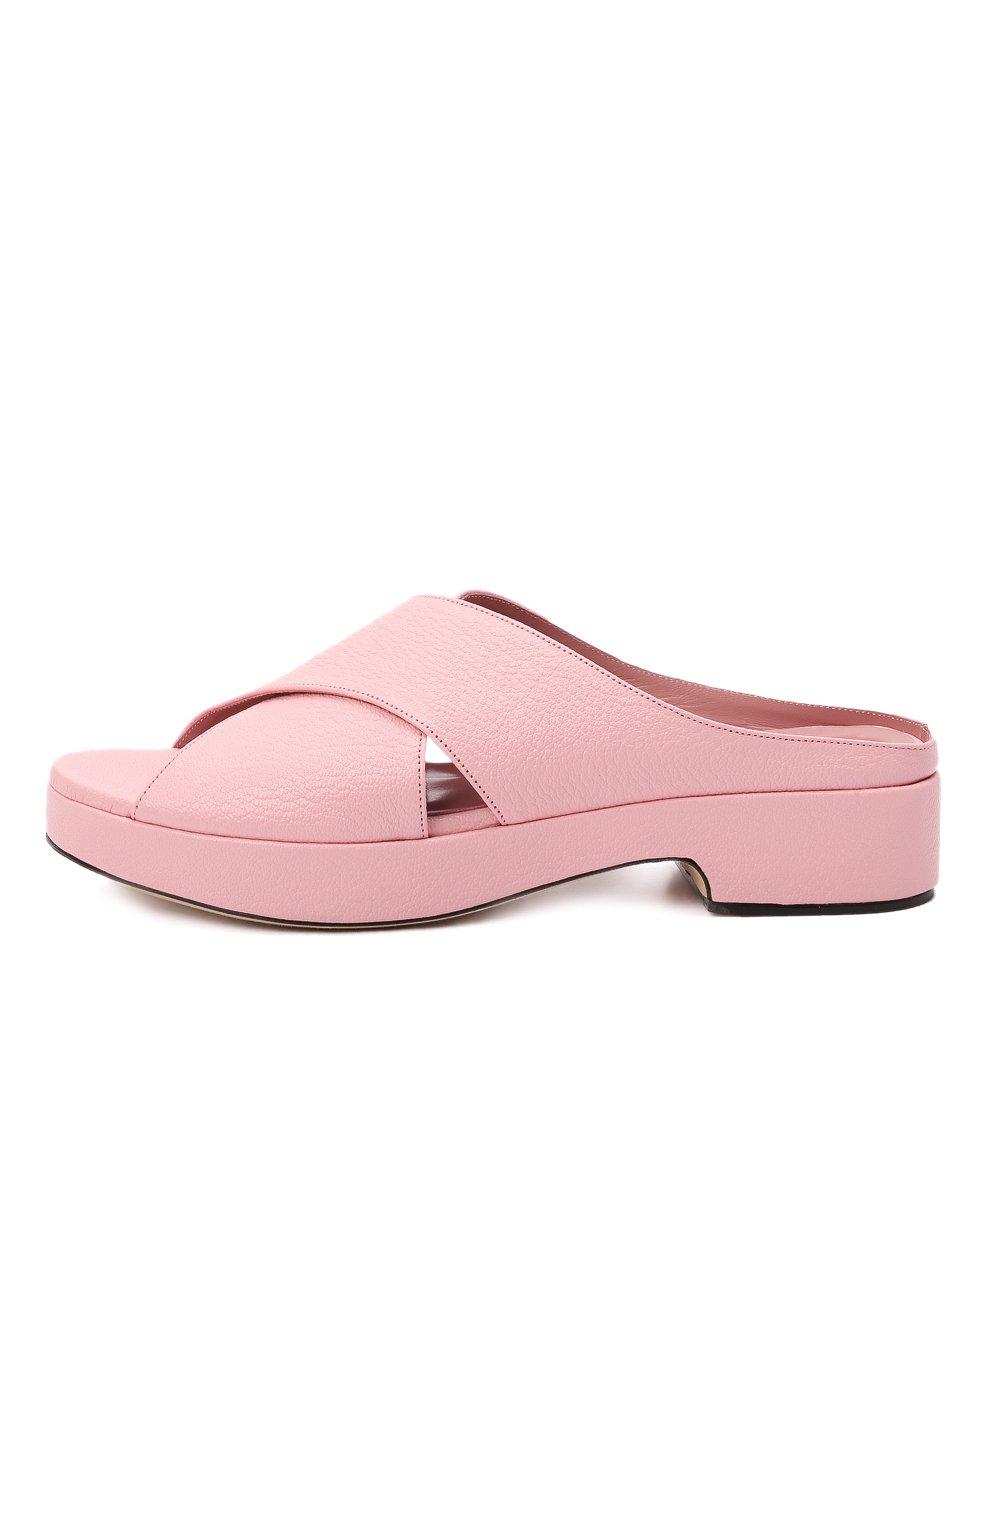 Женские кожаные сабо iggy BY FAR розового цвета, арт. 21CRIGSP0GRL | Фото 3 (Подошва: Платформа; Каблук высота: Низкий; Материал внутренний: Натуральная кожа)